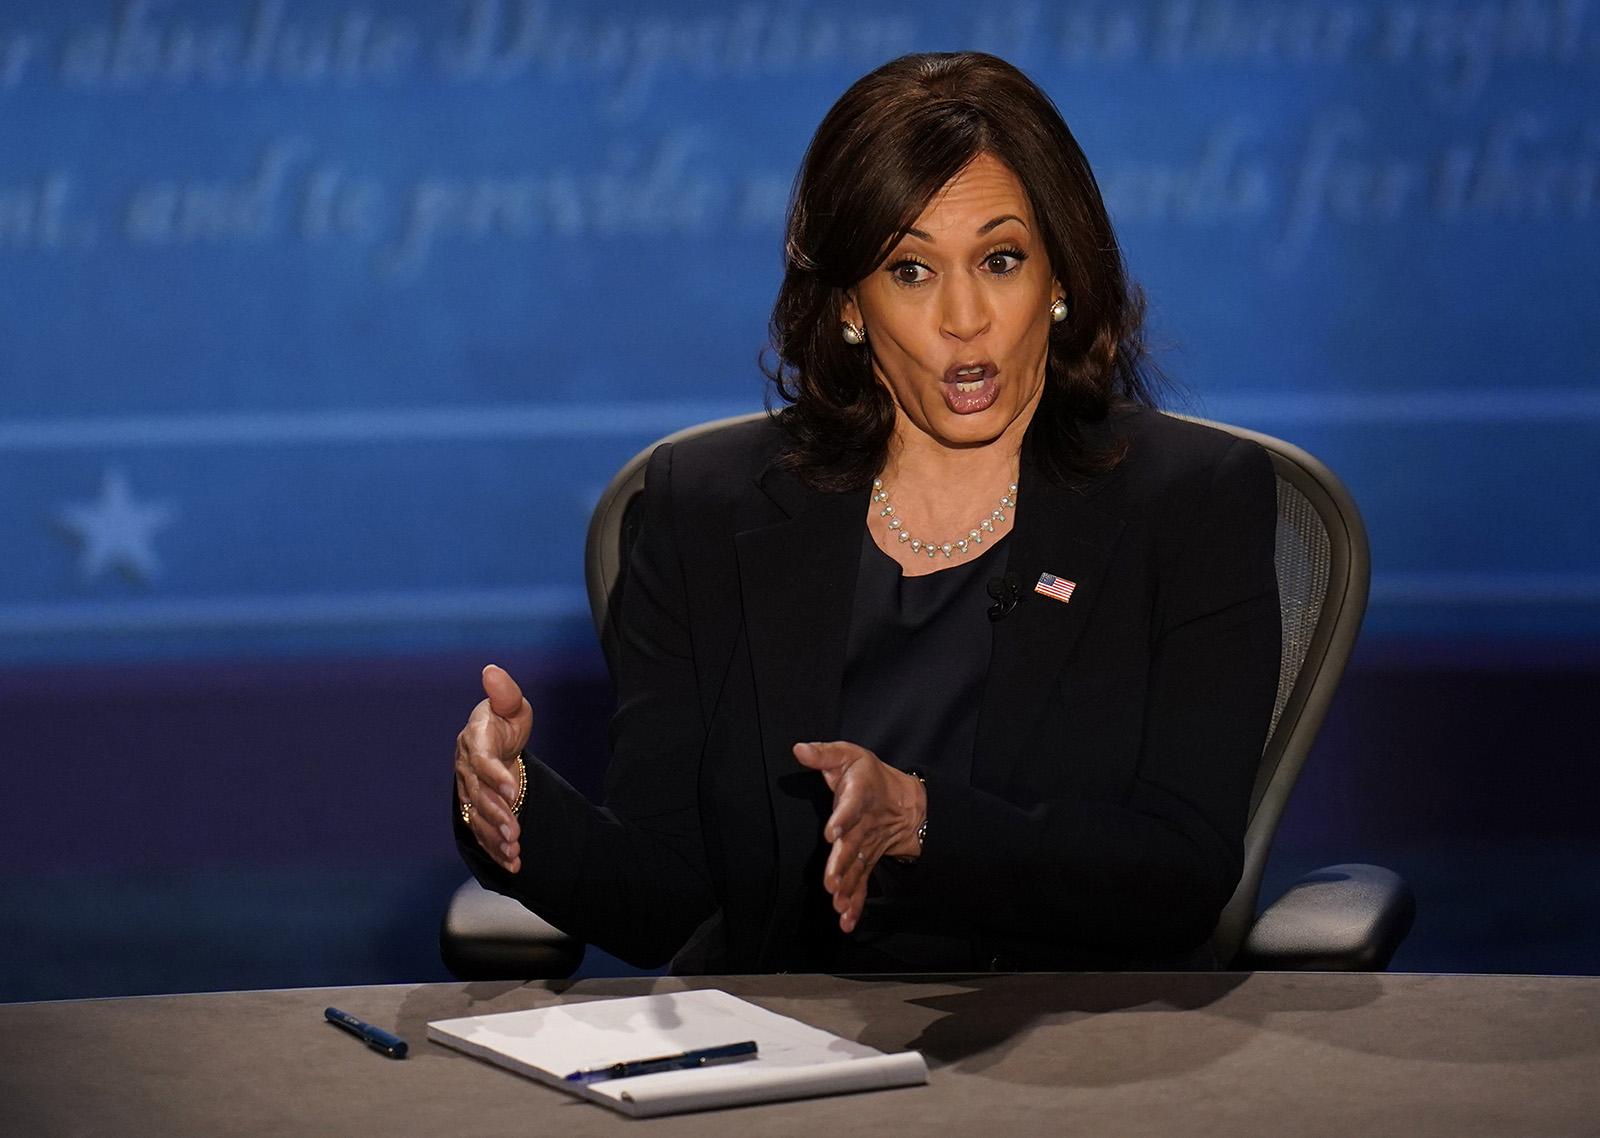 【红木家具弘木传媒】_彭斯哈里斯还在辩论,特朗普发推:彭斯干得好!她是个失态的机器